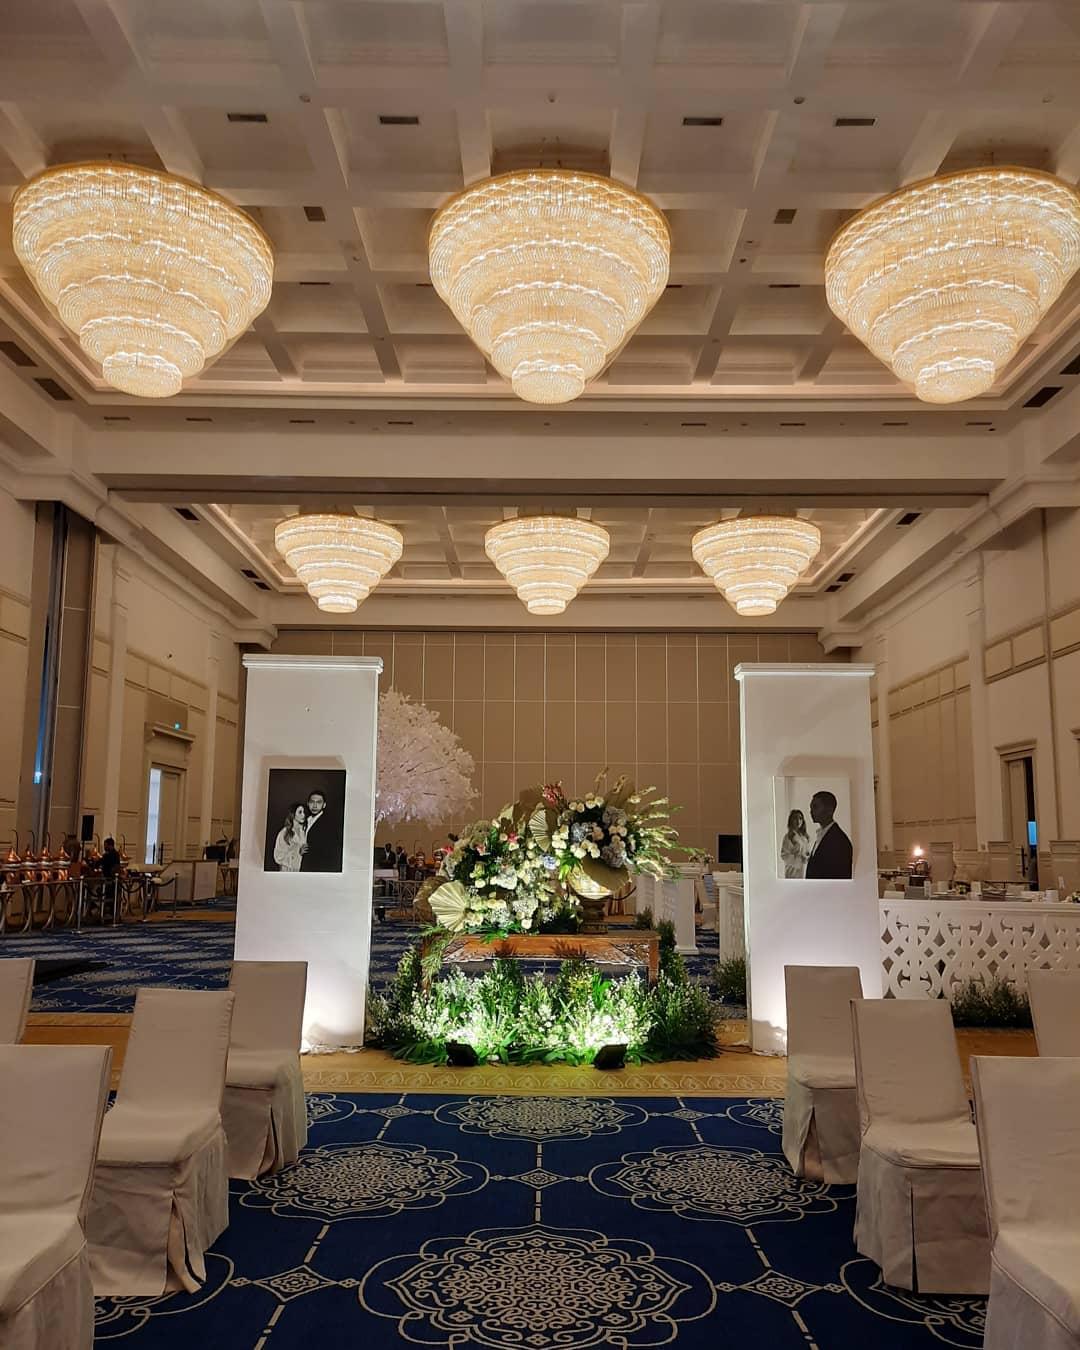 Inpirasi Dekorasi Pernikahan Klasik, Modern, dan Gaya Vintage